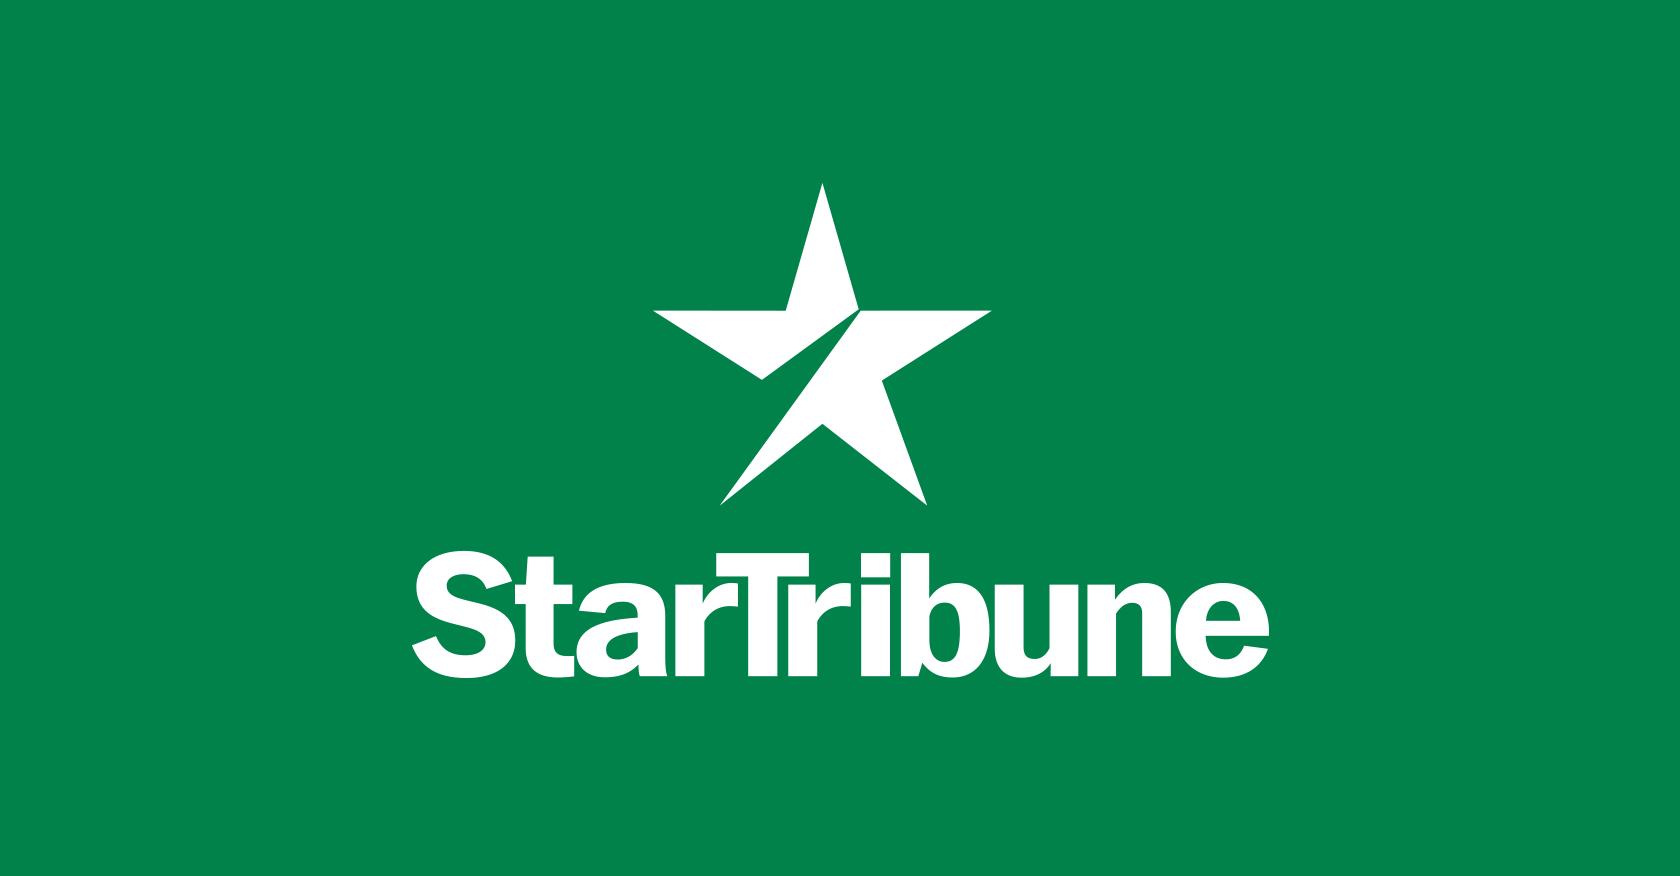 Sign up for daily Star Tribune coronavirus updates